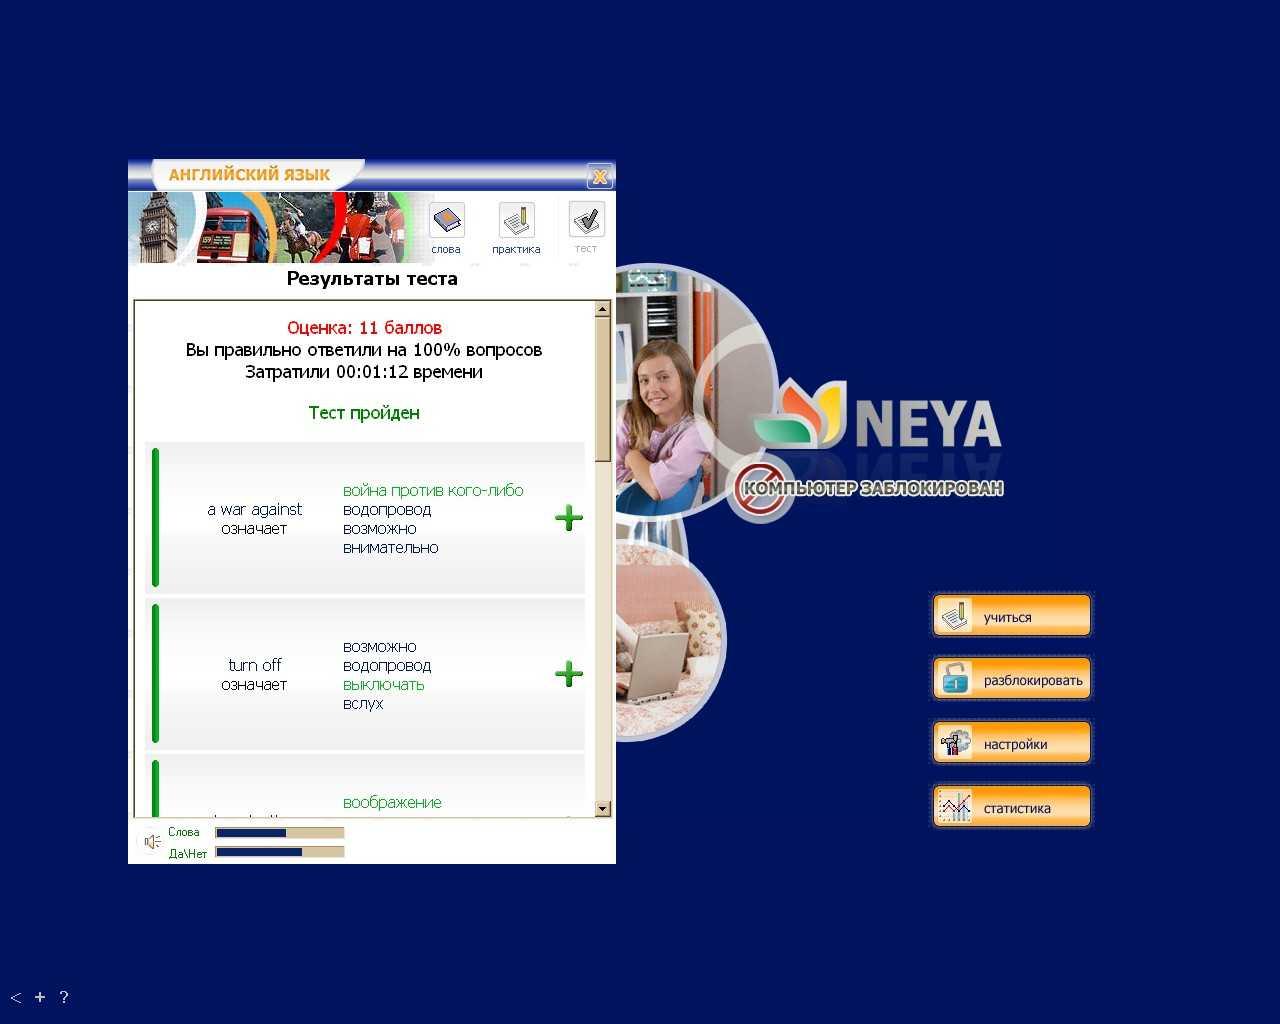 Скачать программу neya english бесплатно